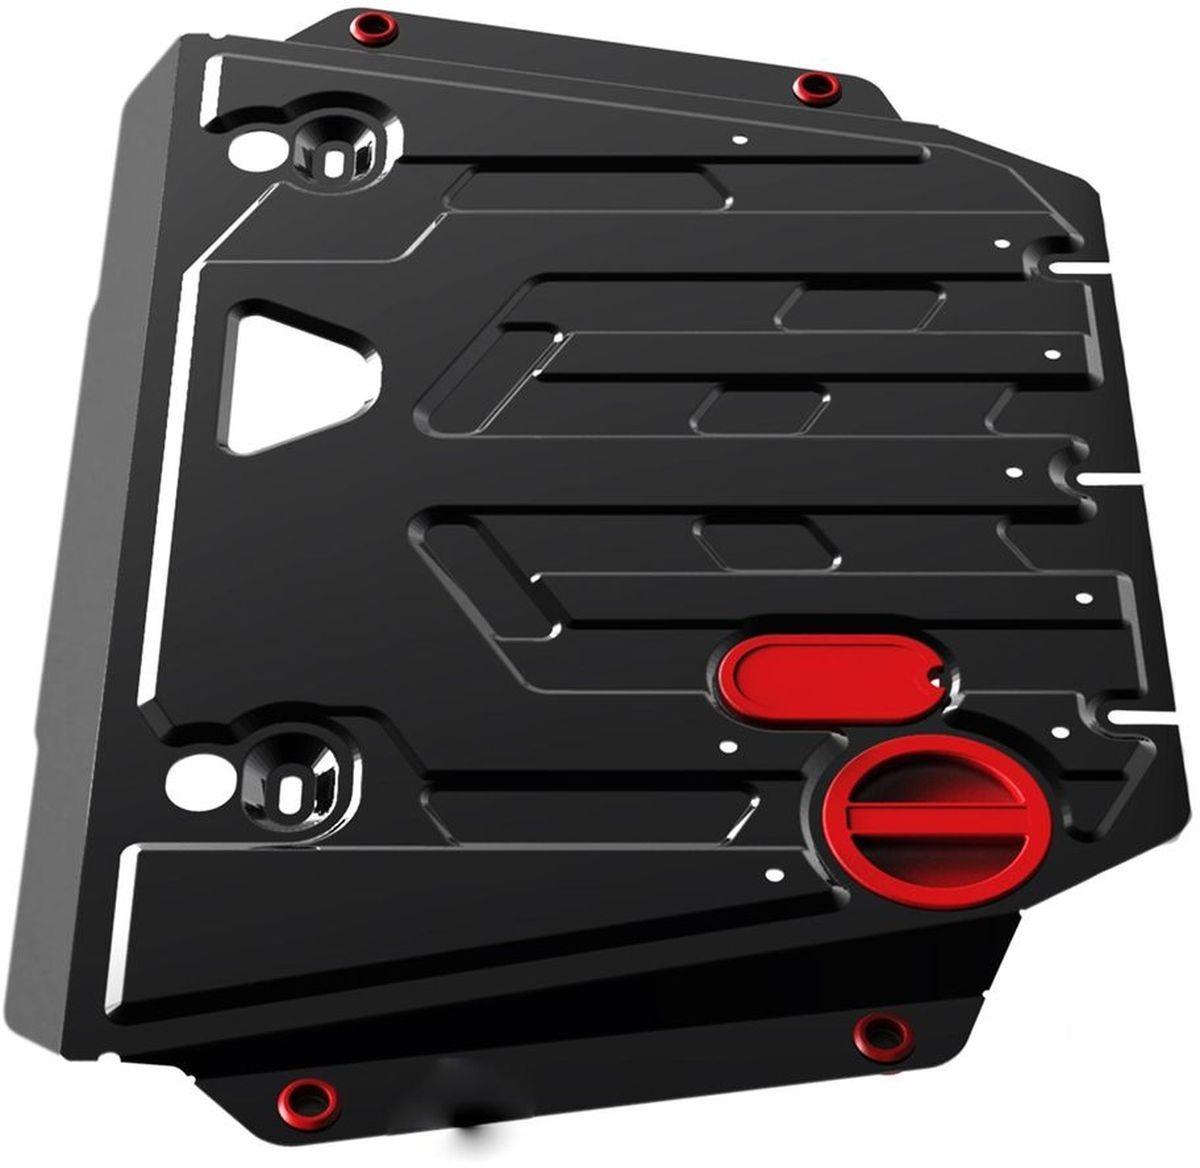 Защита картера и КПП Автоброня Suzuki Splash 2009-2015, сталь 2 мм111.05508.2Защита картера и КПП Автоброня Suzuki Splash 2009-2015, V - 1.0; 1.2, сталь 2 мм, комплект крепежа, 111.05508.2Стальные защиты Автоброня надежно защищают ваш автомобиль от повреждений при наезде на бордюры, выступающие канализационные люки, кромки поврежденного асфальта или при ремонте дорог, не говоря уже о загородных дорогах.- Имеют оптимальное соотношение цена-качество.- Спроектированы с учетом особенностей автомобиля, что делает установку удобной.- Защита устанавливается в штатные места кузова автомобиля.- Является надежной защитой для важных элементов на протяжении долгих лет.- Глубокий штамп дополнительно усиливает конструкцию защиты.- Подштамповка в местах крепления защищает крепеж от срезания.- Технологические отверстия там, где они необходимы для смены масла и слива воды, оборудованные заглушками, закрепленными на защите.Толщина стали 2 мм.В комплекте крепеж и инструкция по установке.Уважаемые клиенты!Обращаем ваше внимание, на тот факт, что защита имеет форму, соответствующую модели данного автомобиля. Наличие глубокого штампа и лючков для смены фильтров/масла предусмотрено не на всех защитах. Фото служит для визуального восприятия товара.